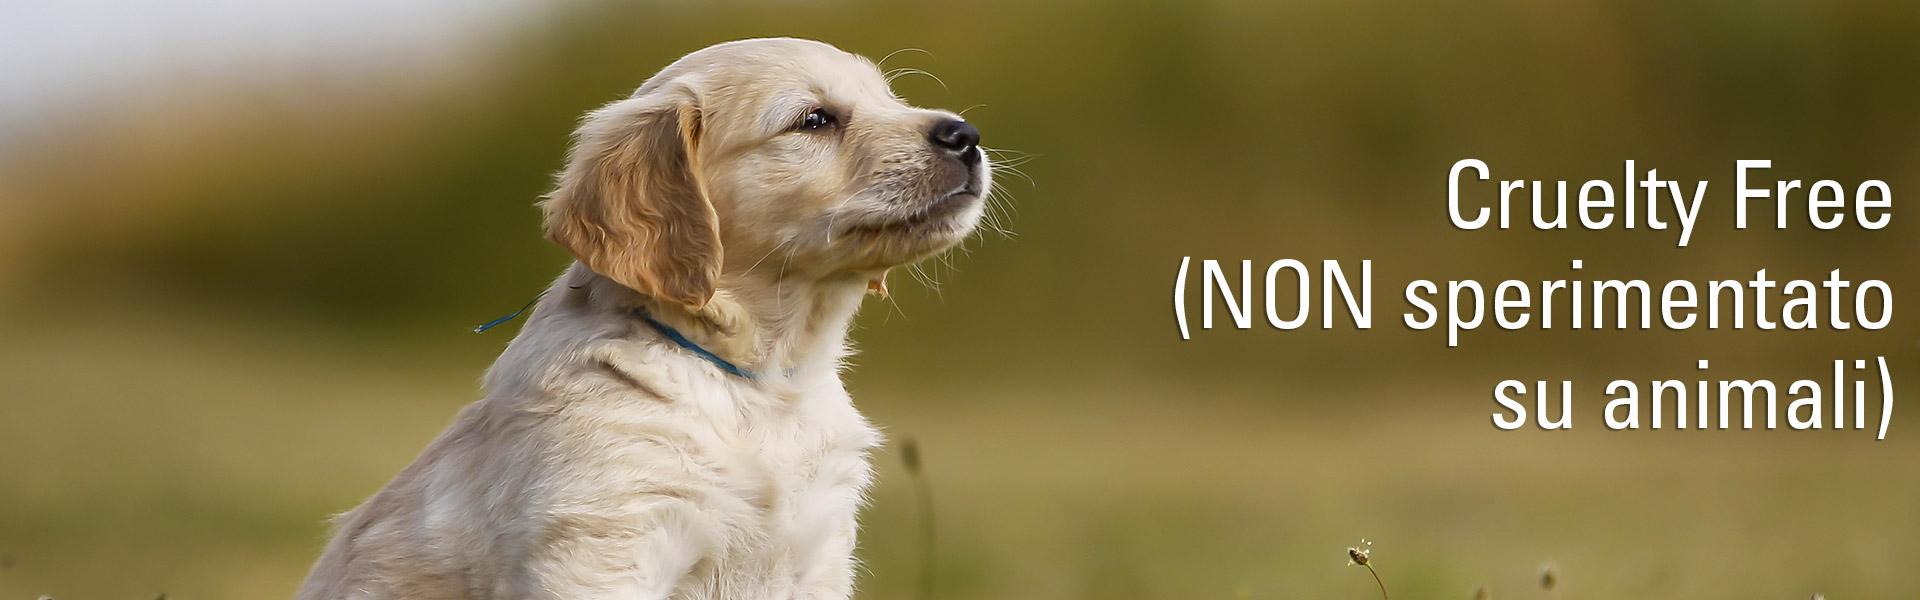 Cruelty Free (NON sperimentato su animali)